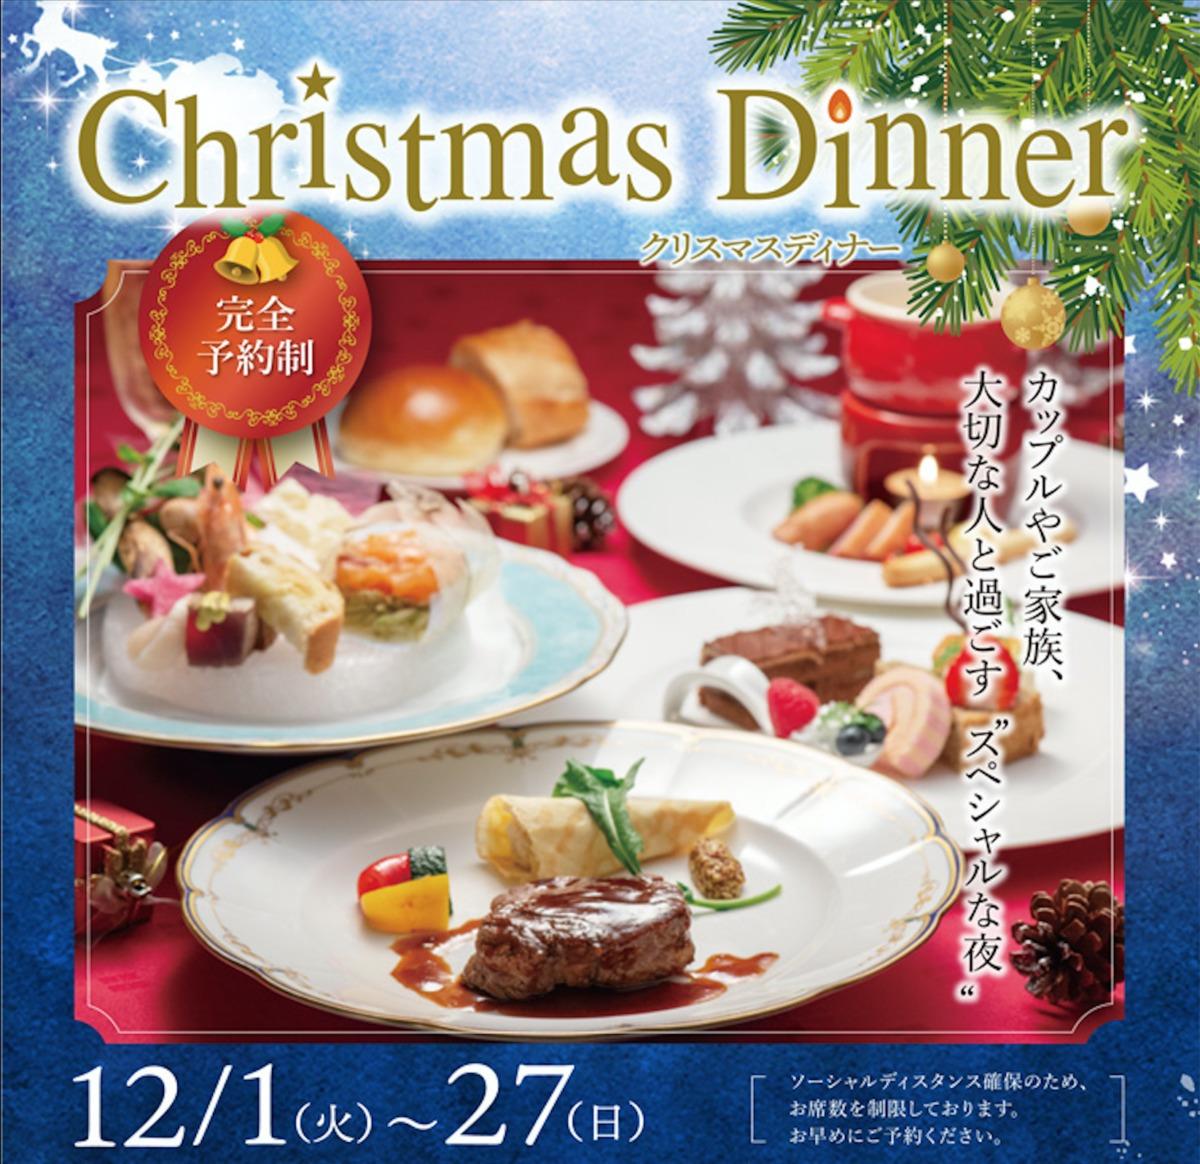 大切な人と過ごすスペシャルな夜【パパ・ヘミングウェイ】のクリスマスディナー: